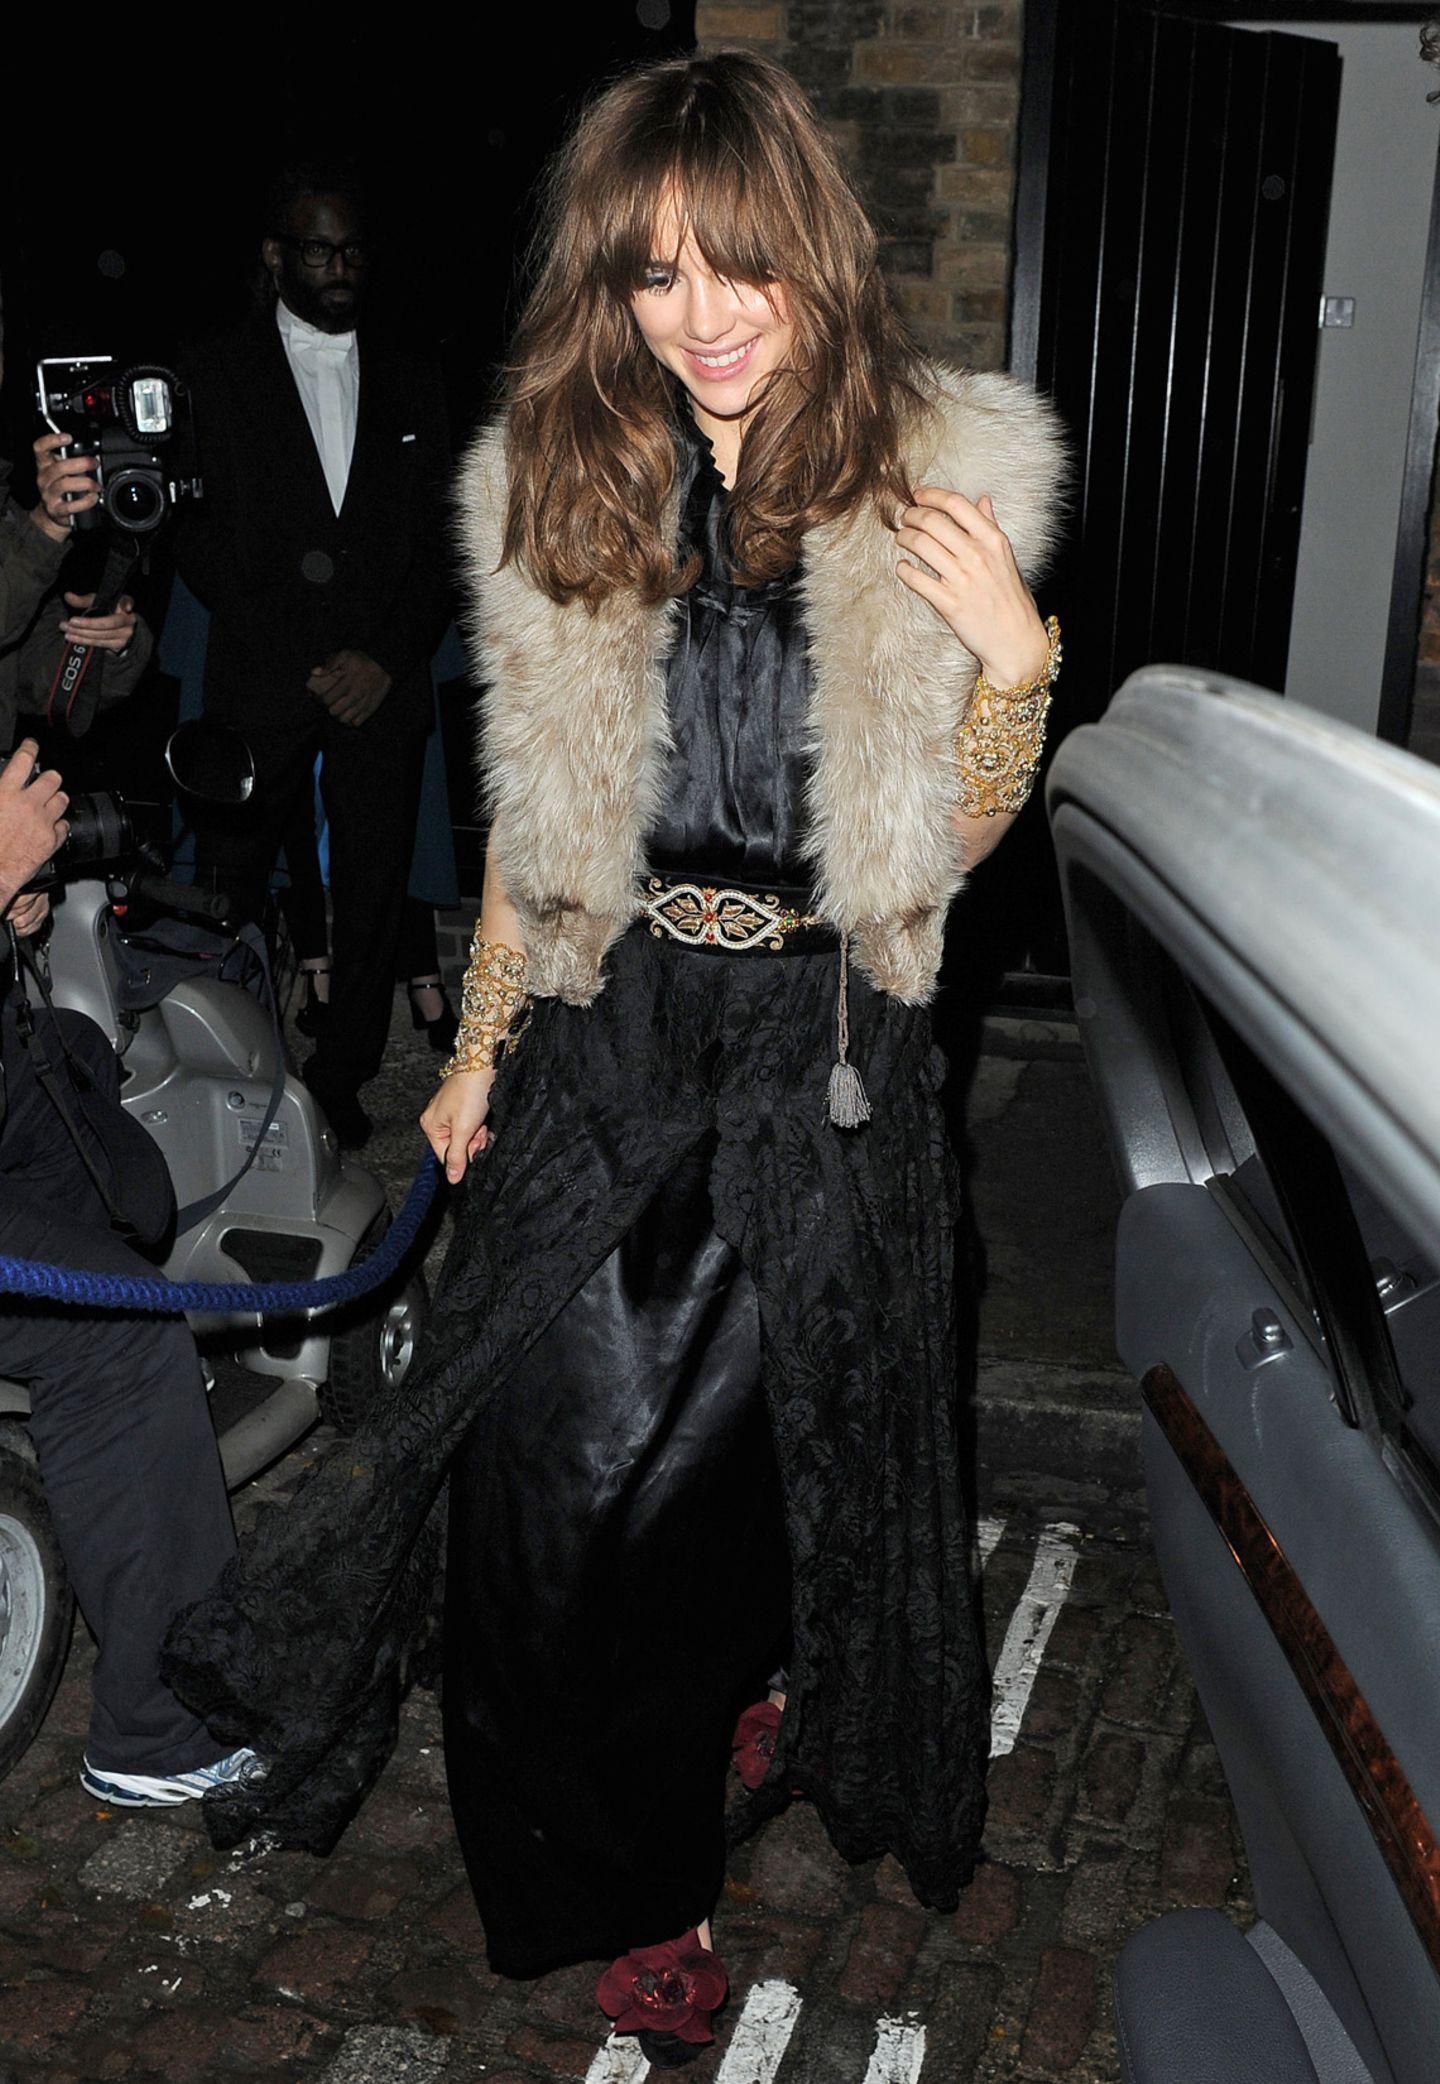 Topmodel Suki Waterhouse kommt bestens gelaunt und mit Fellweste warm eingepackt ins Londoner Chiltern Firehouse.